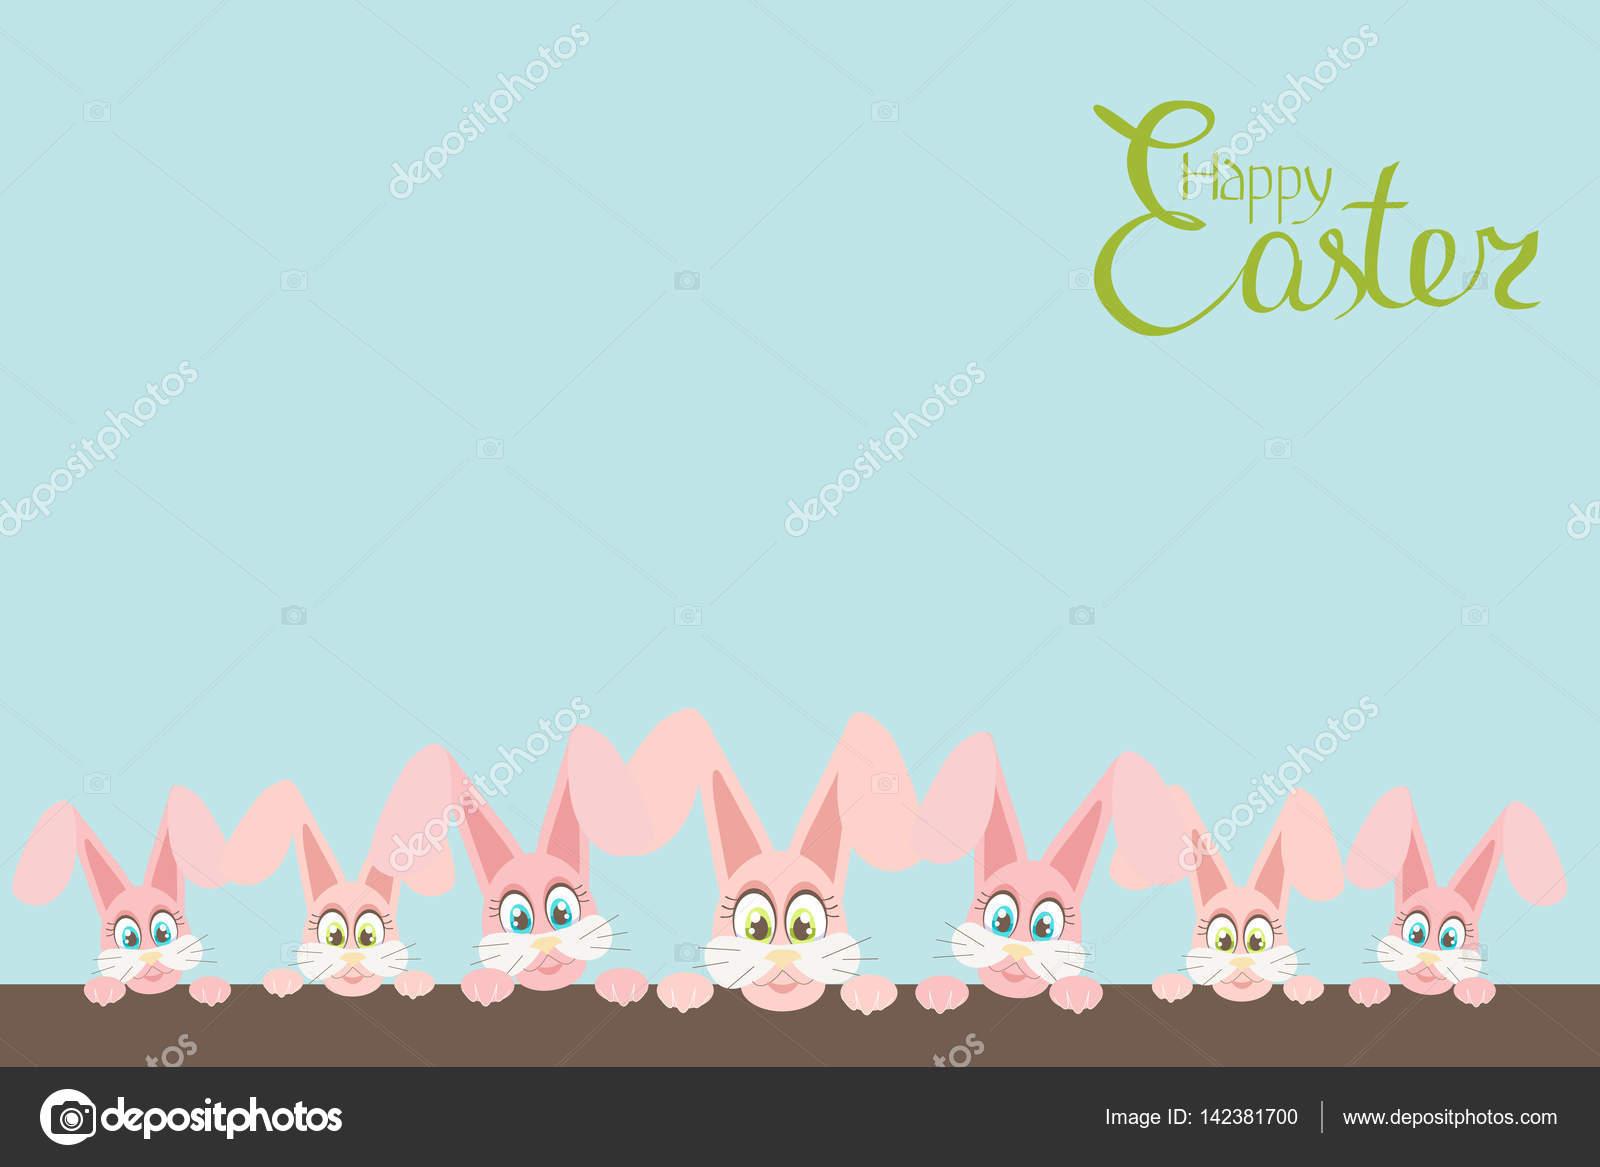 stora gratulationskort Gratulationskort med rolig rosa påsk kaniner med stora ögon  stora gratulationskort